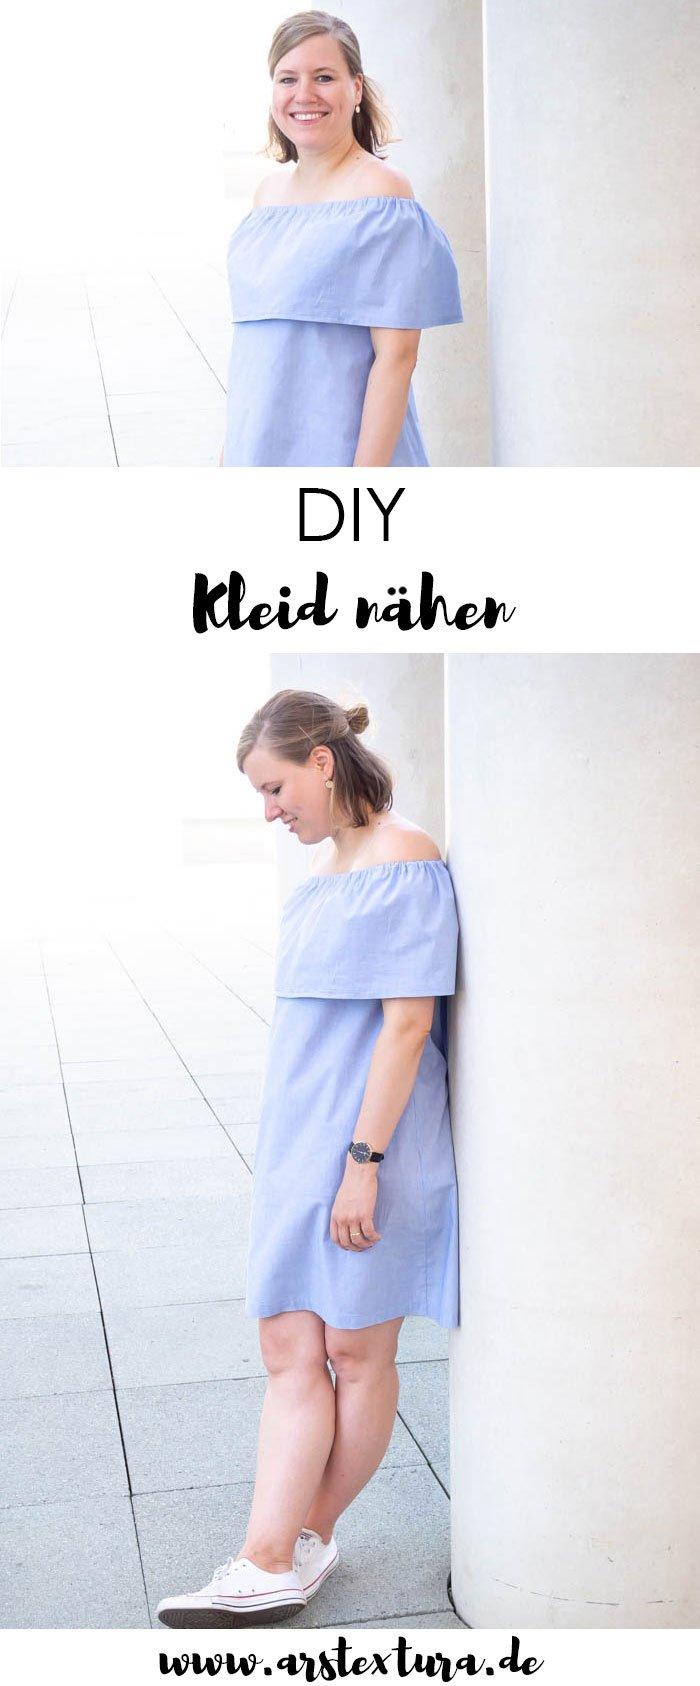 DIY schulterfreies Kleid nähen mit Anleitung